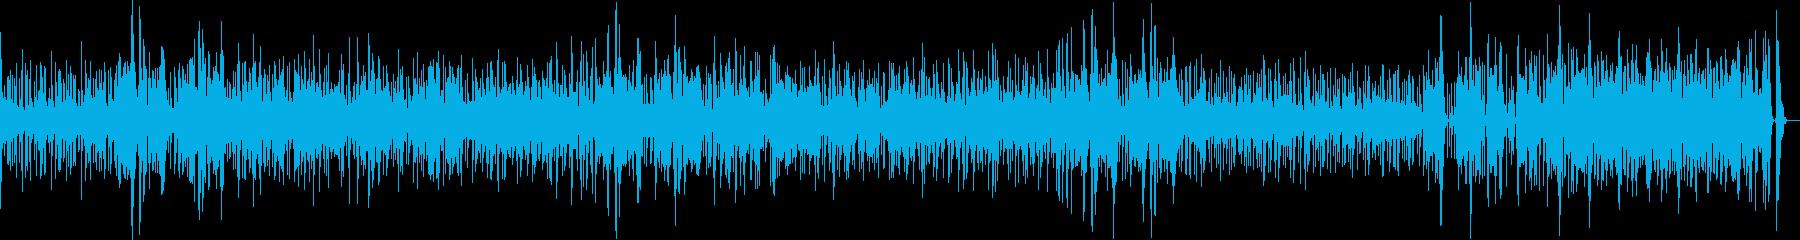 ウクレレとパーカッション、ほのぼのな歌の再生済みの波形